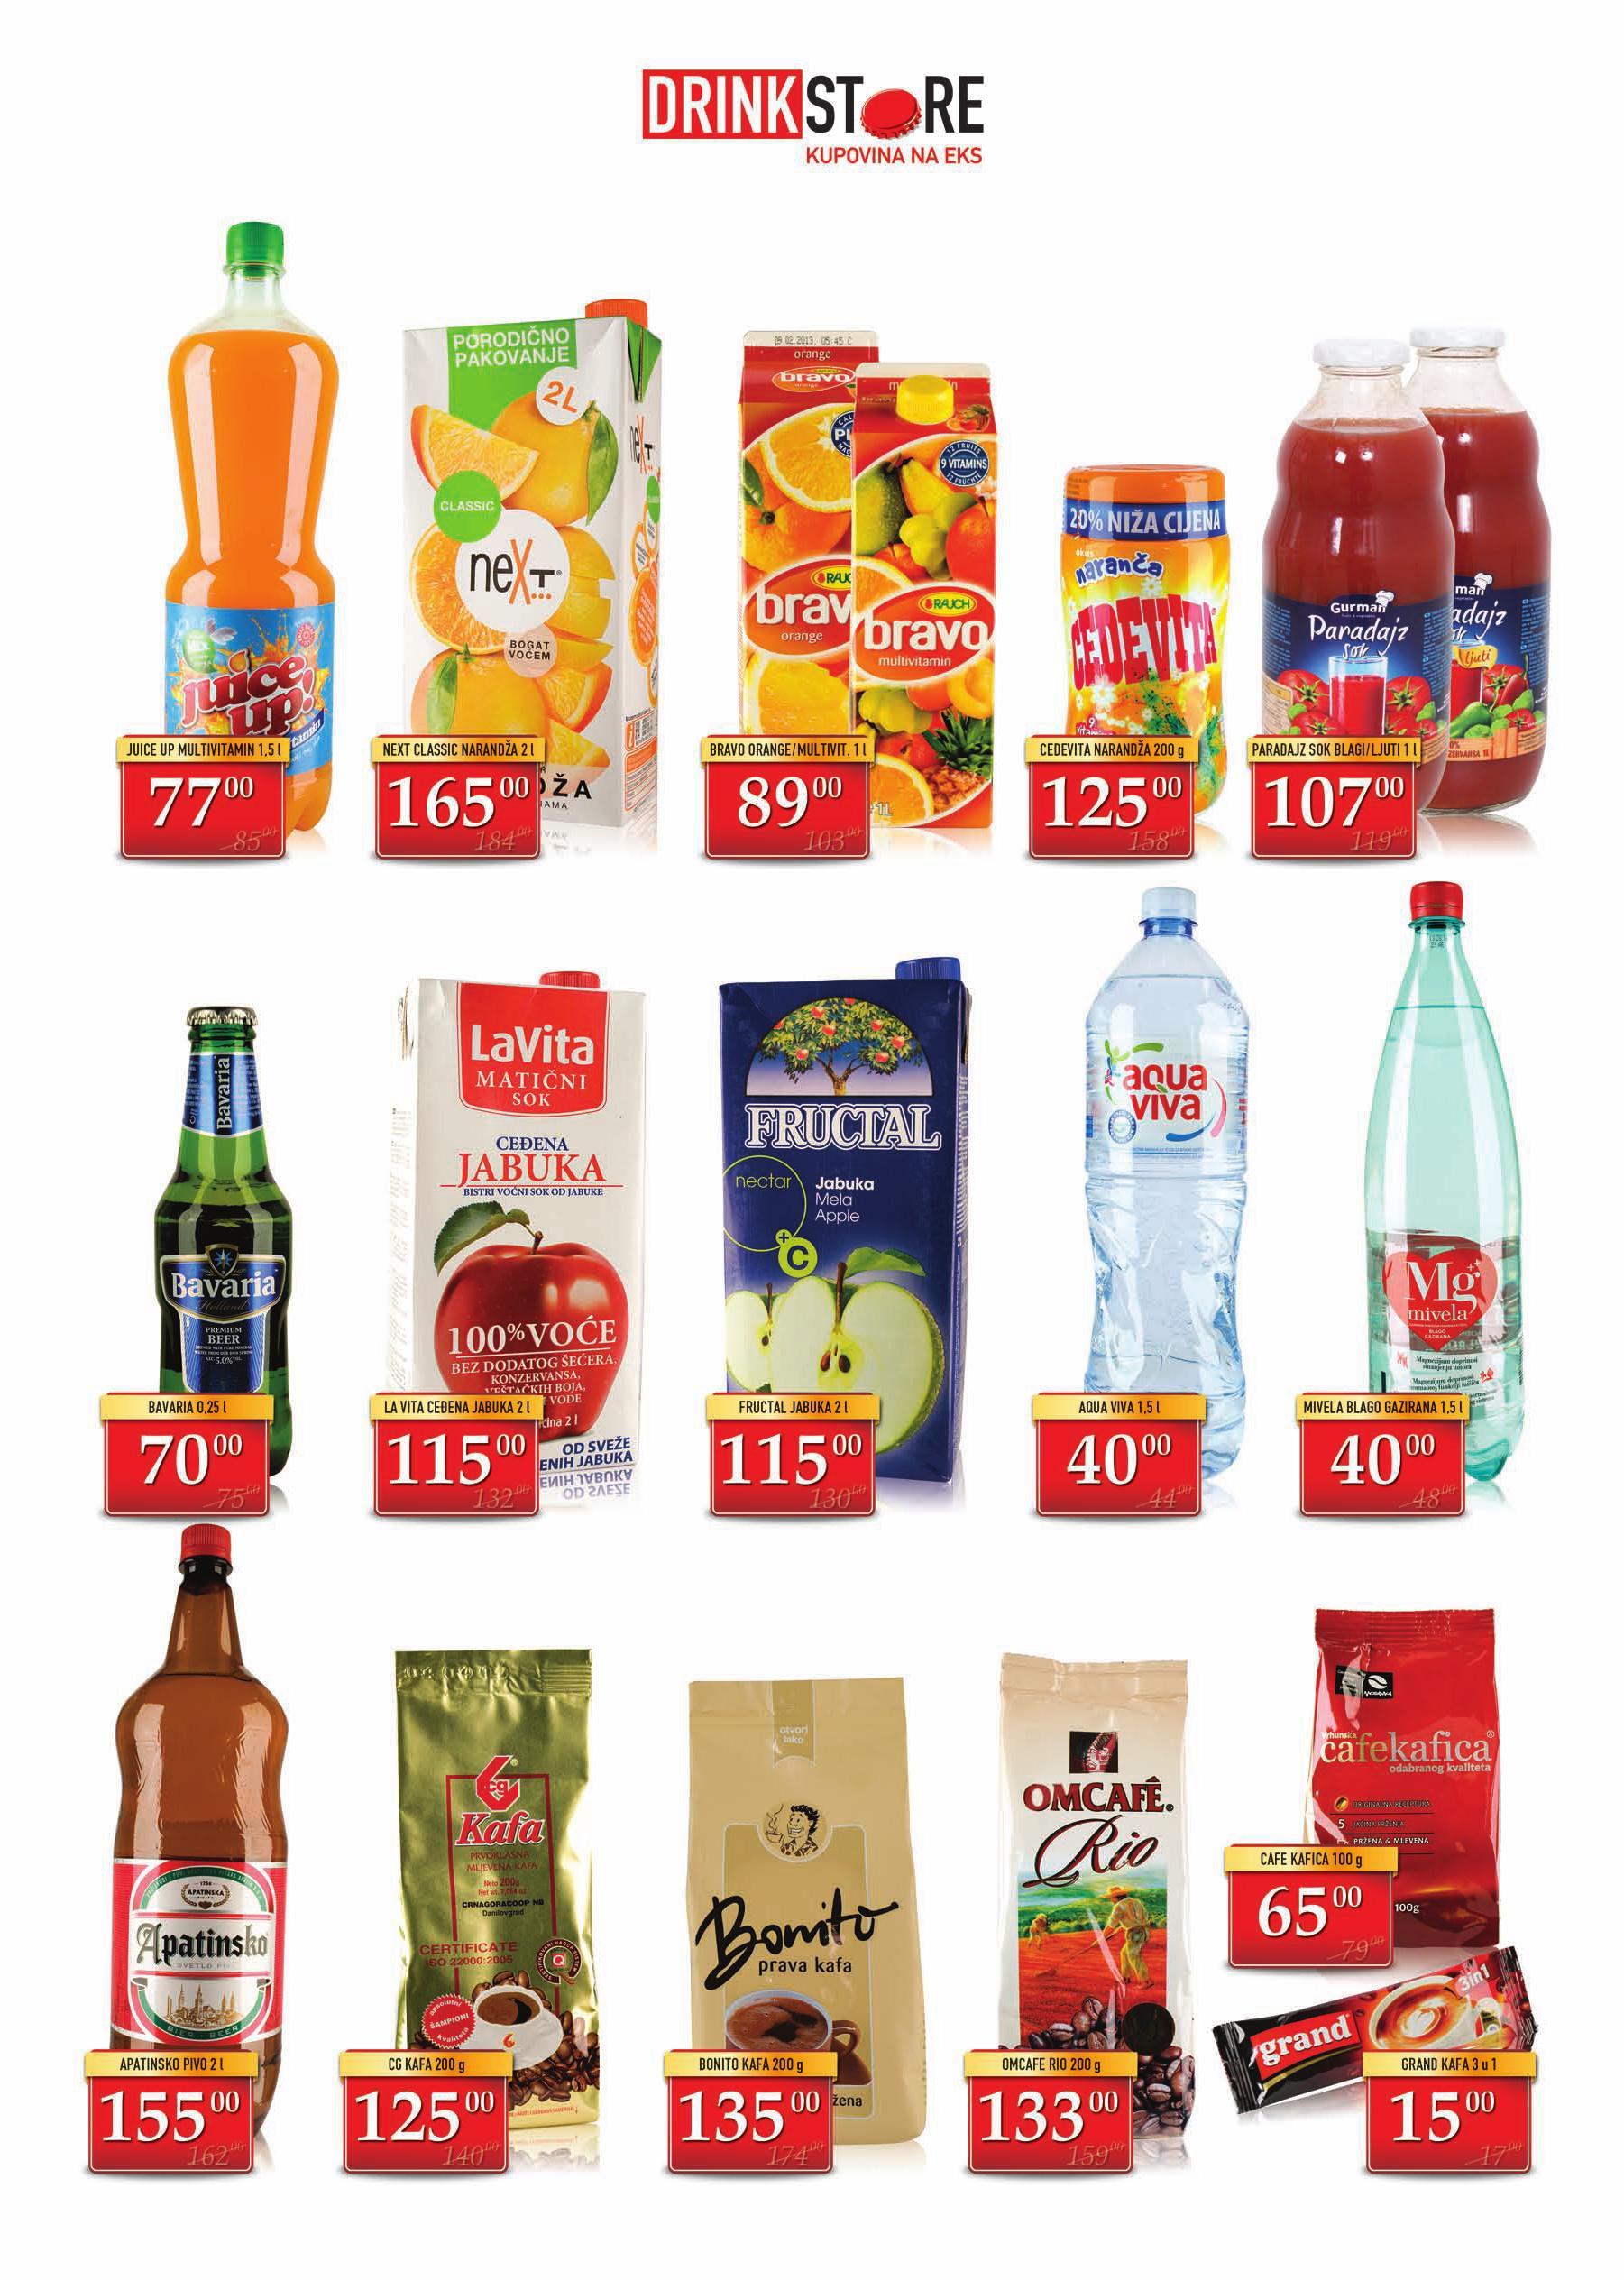 Drink Store katalog odlične ponude